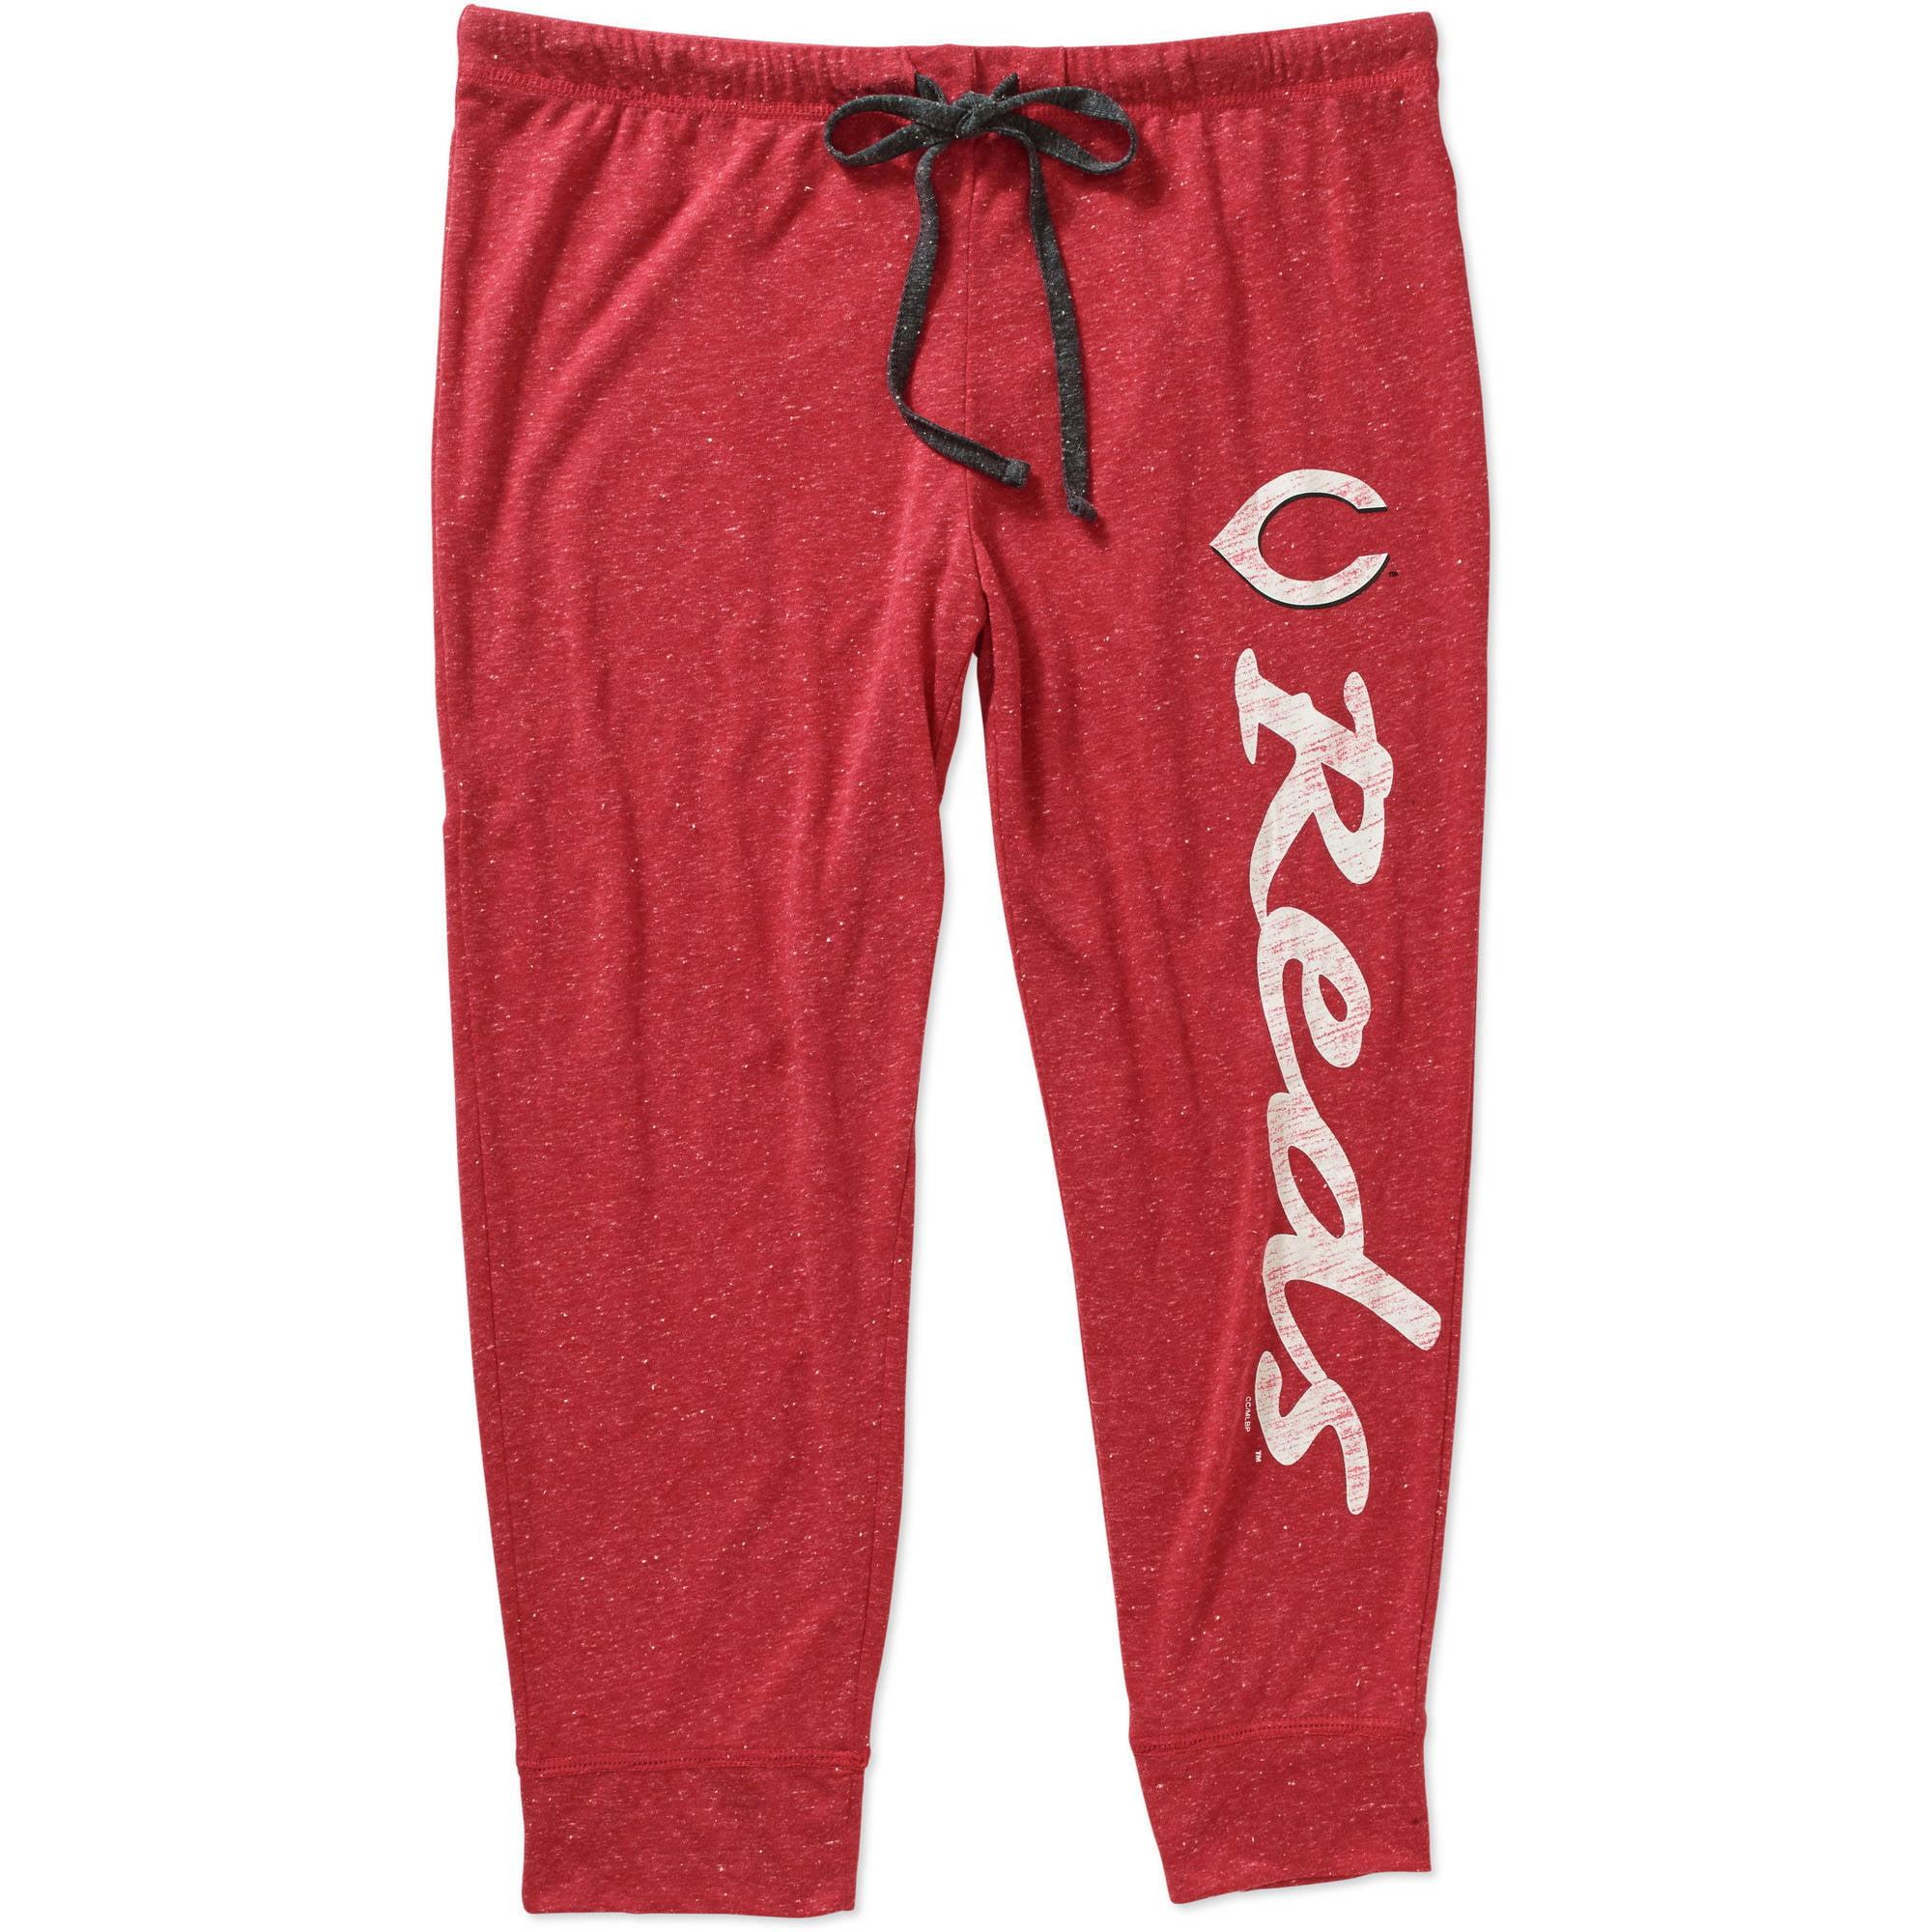 MLB Womens Cincinnati Reds Knit Capri